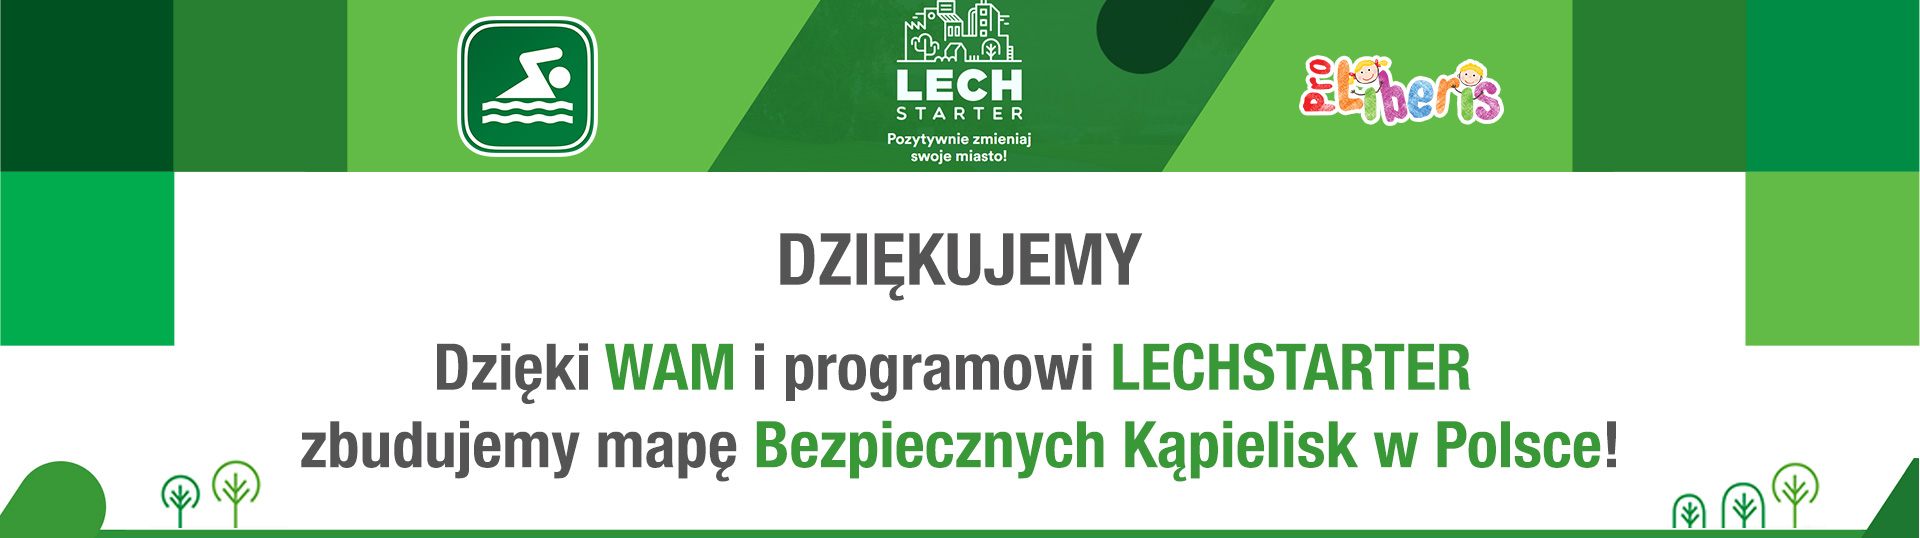 lechstarter_1162x327